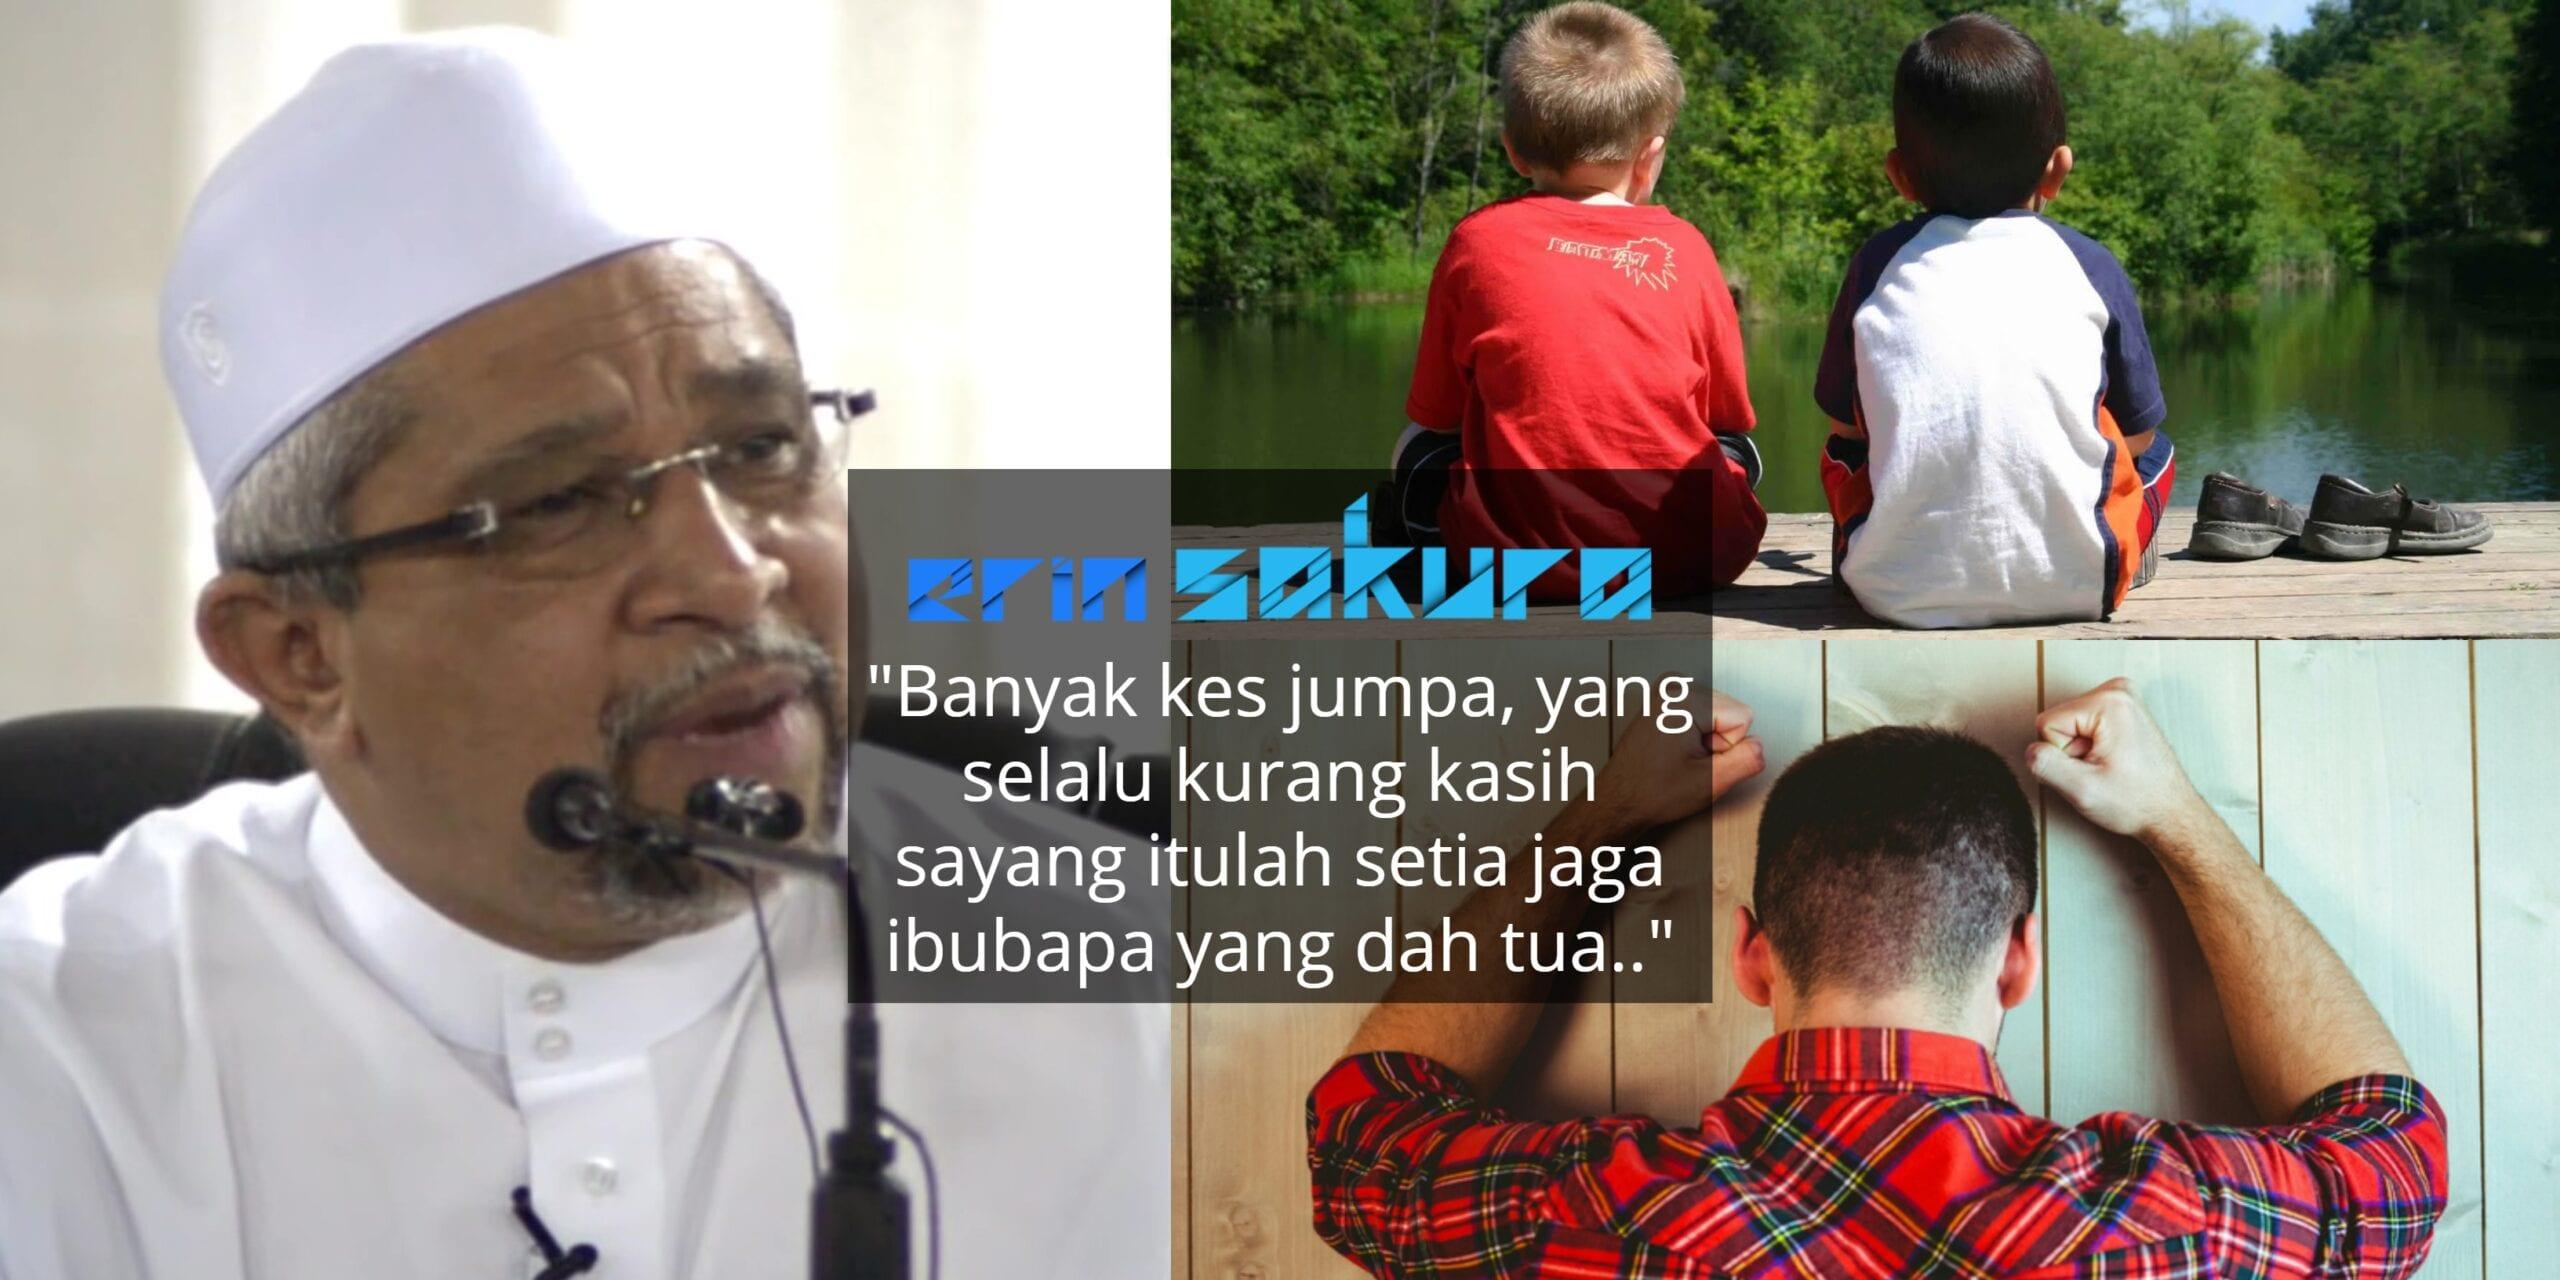 Mak Ayah Jangan Pernah Beza-Bezakan Anak, Takut Nanti Berbekas Sampai Tua!